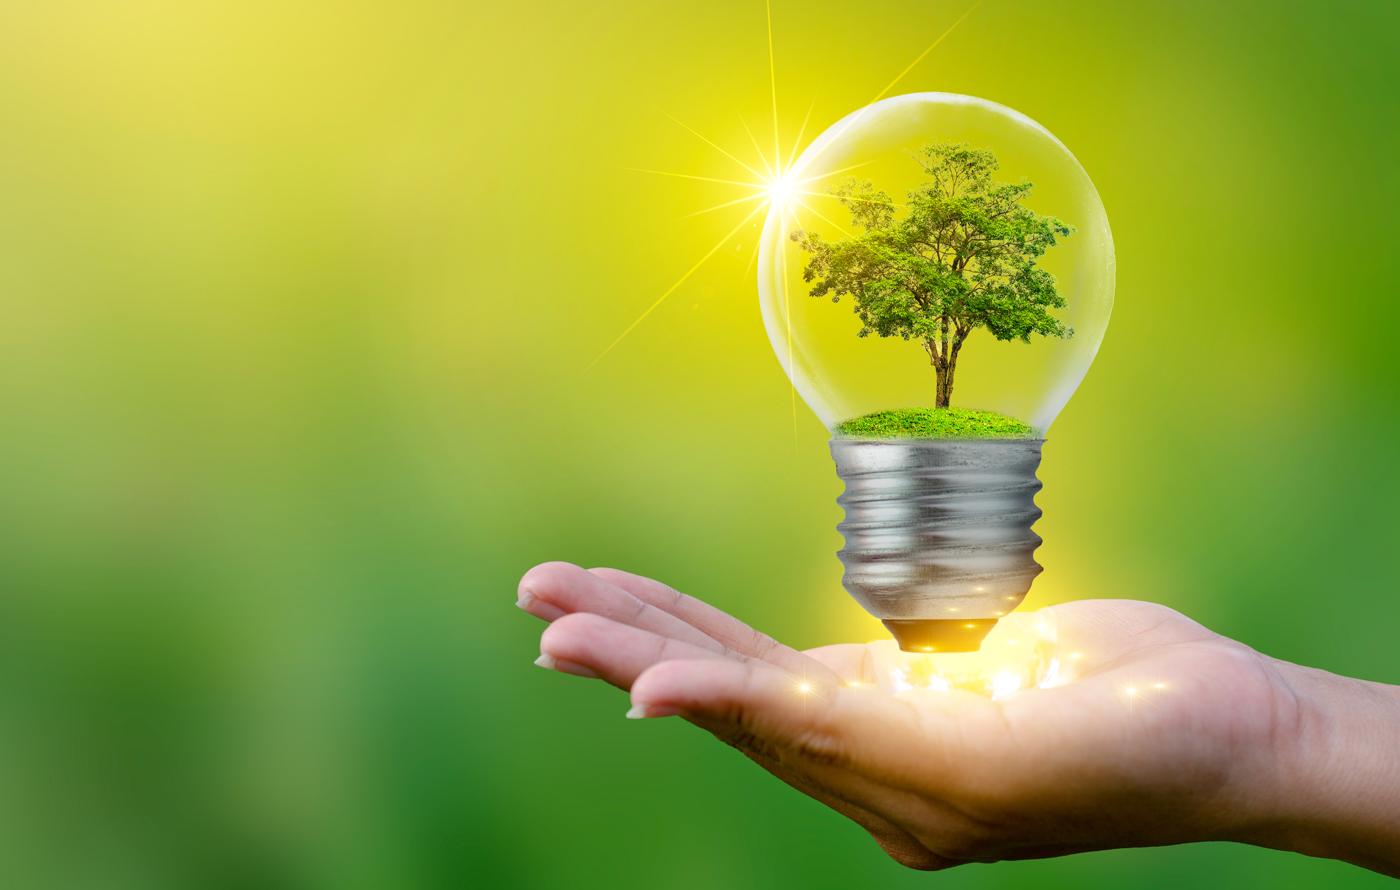 Collage: Glühbirne mit Baum im Innern auf einer Hand. Foto: © Sarayut_sy/stock.adobe.com